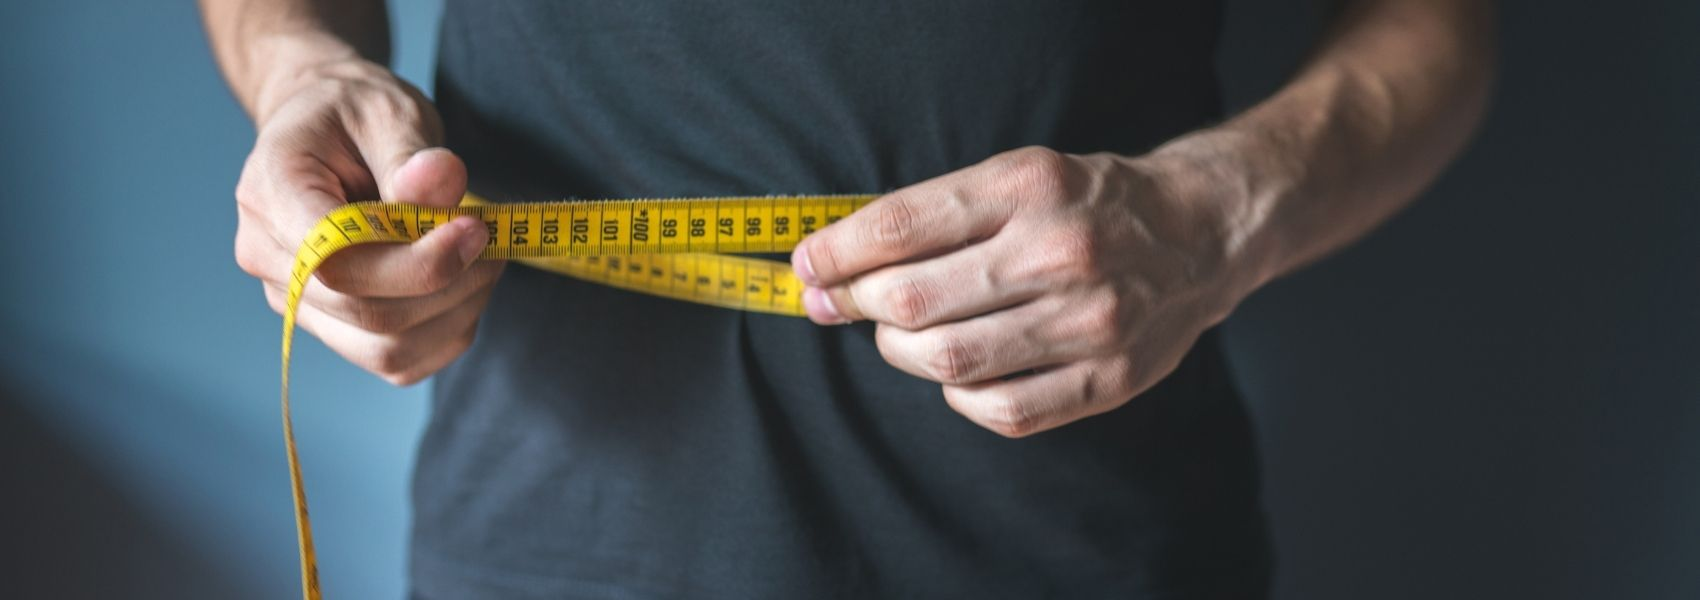 Cancro da próstata associado à obesidade